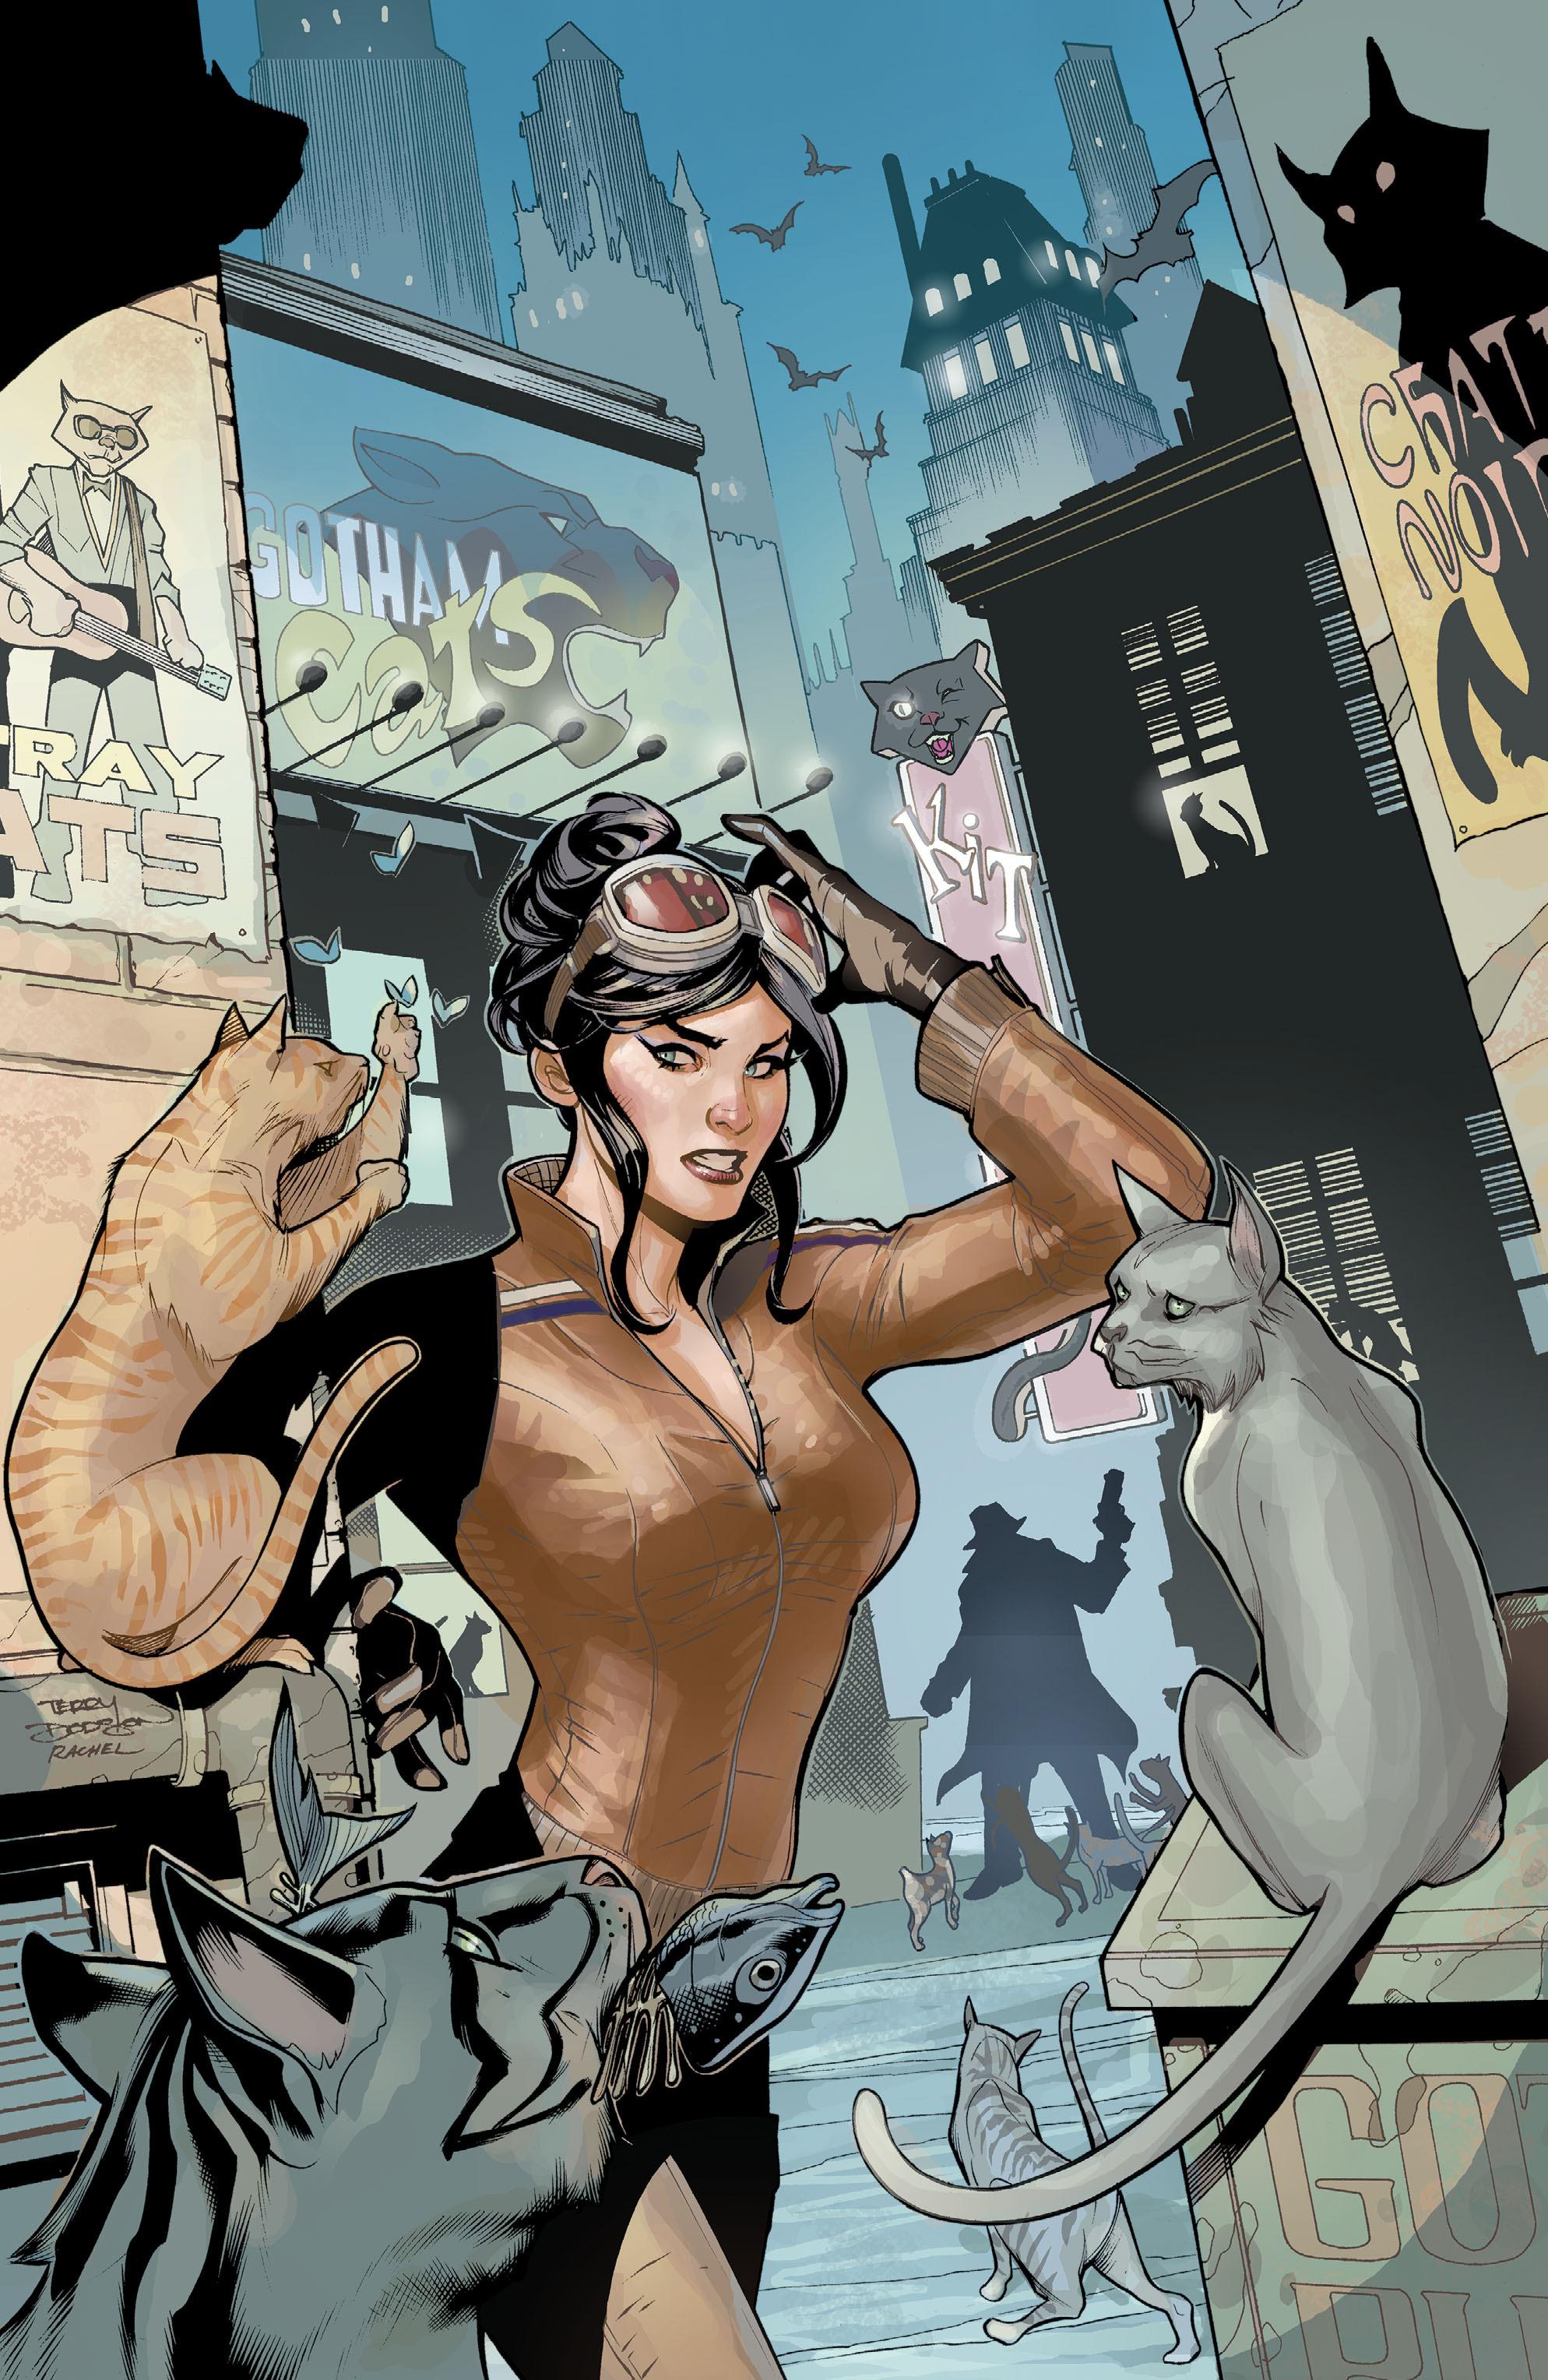 DC Comics: Zero Year chap tpb pic 202